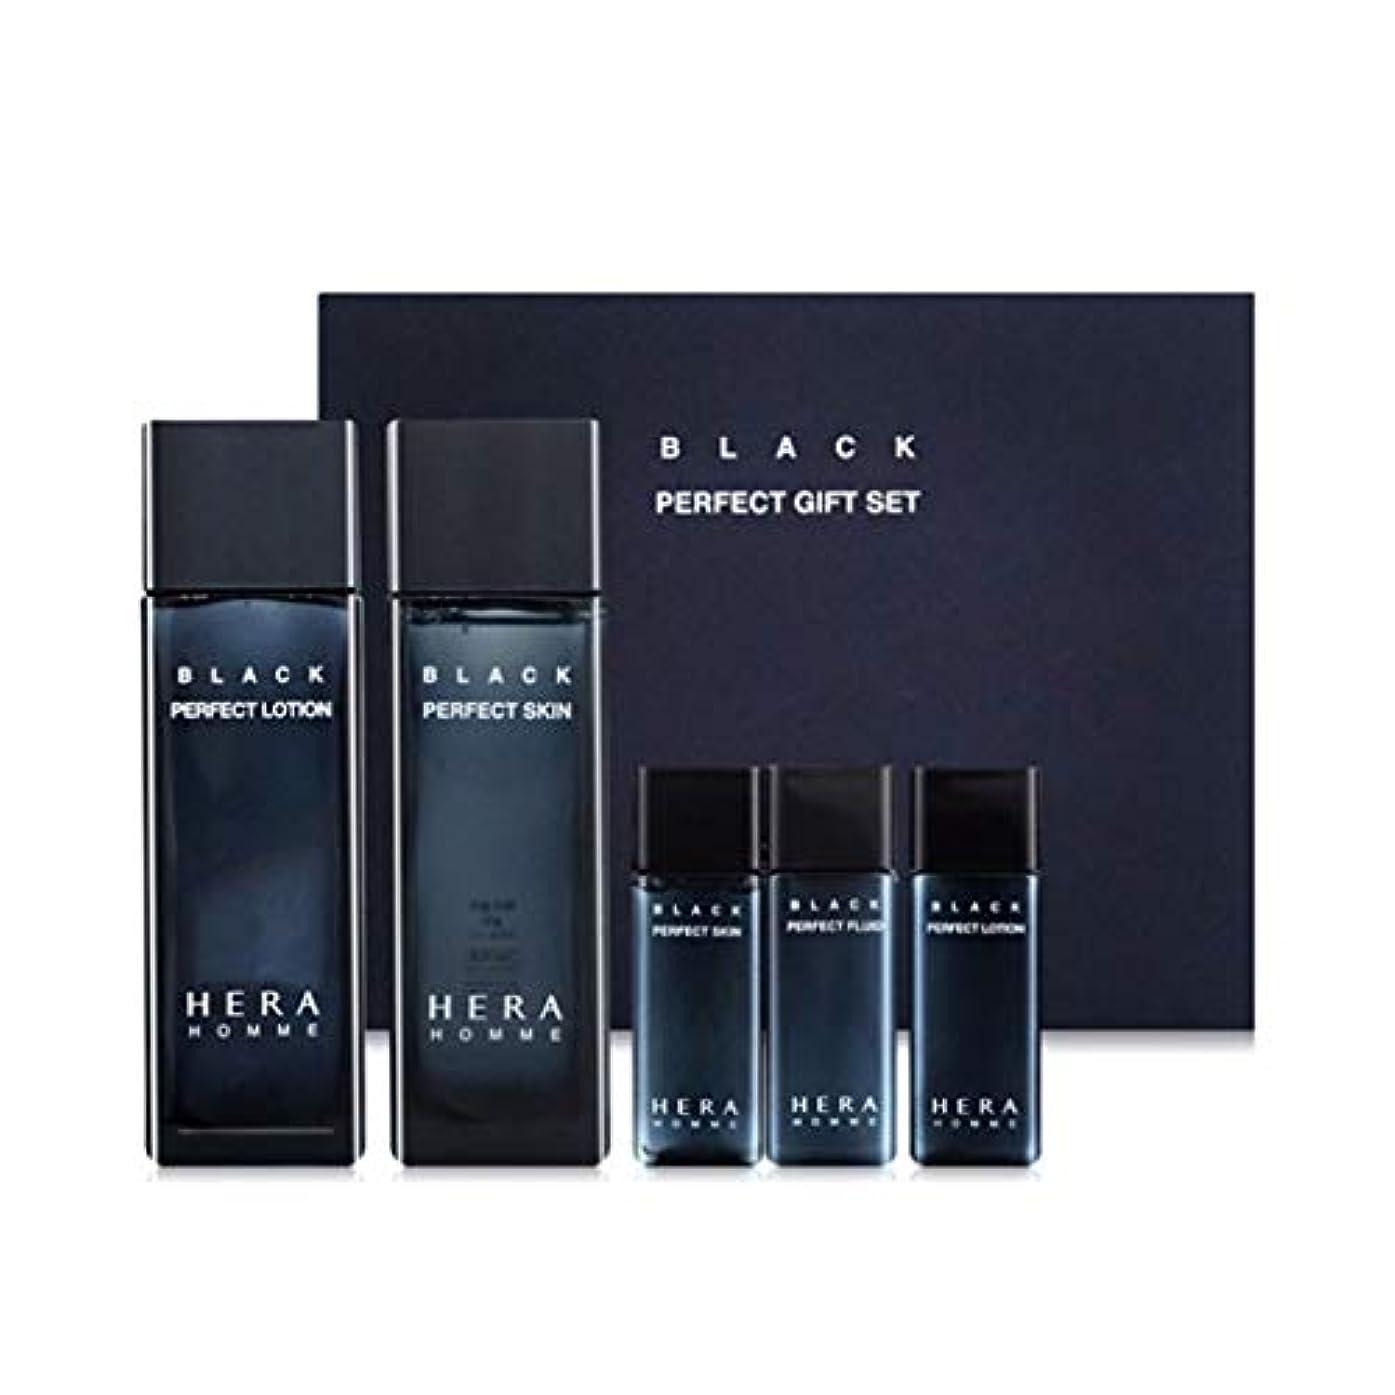 疲労楽しい差し引くヘラオムブラックパーフェクトスキンローションセットメンズコスメ韓国コスメ、Hera Homme Black Perfect Skin Lotion Set Men's Cosmetics Korean Cosmetics...